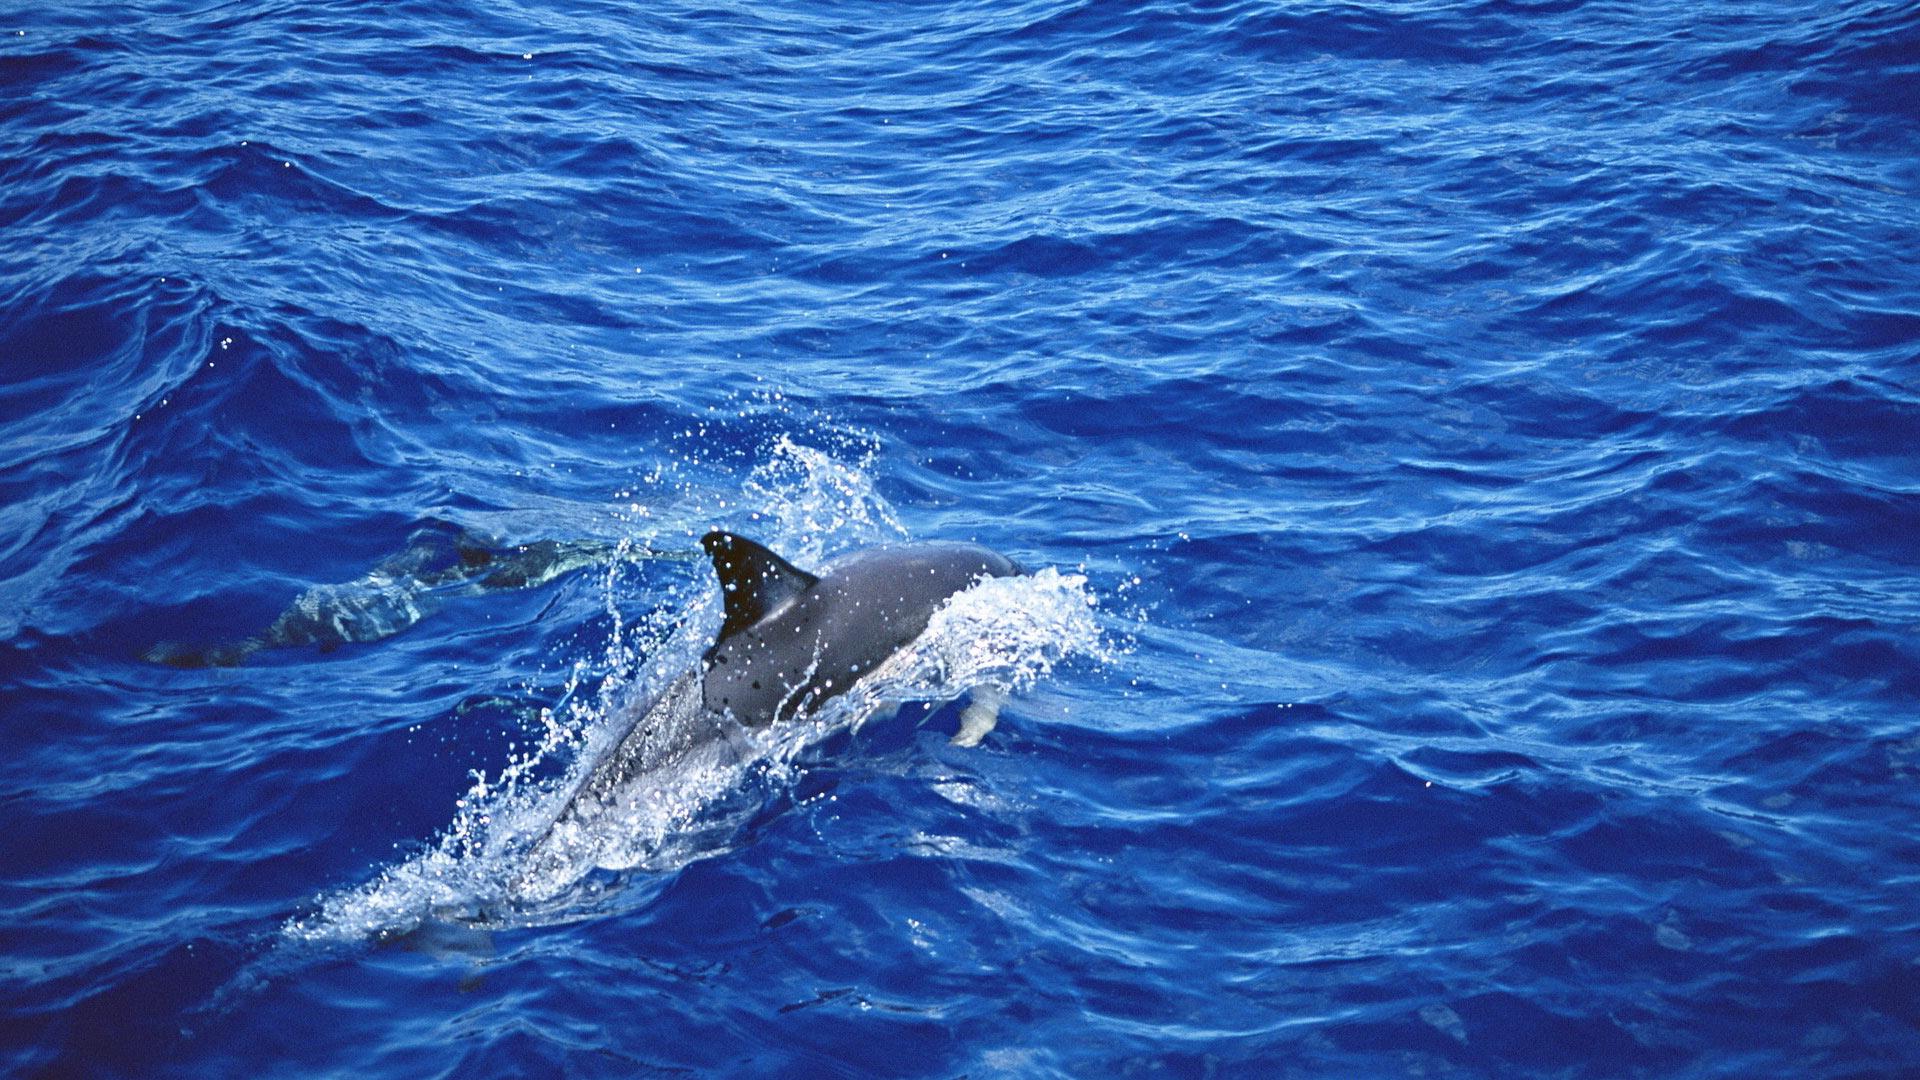 Обои Дельфины в море, картинки - Обои для рабочего стола ...